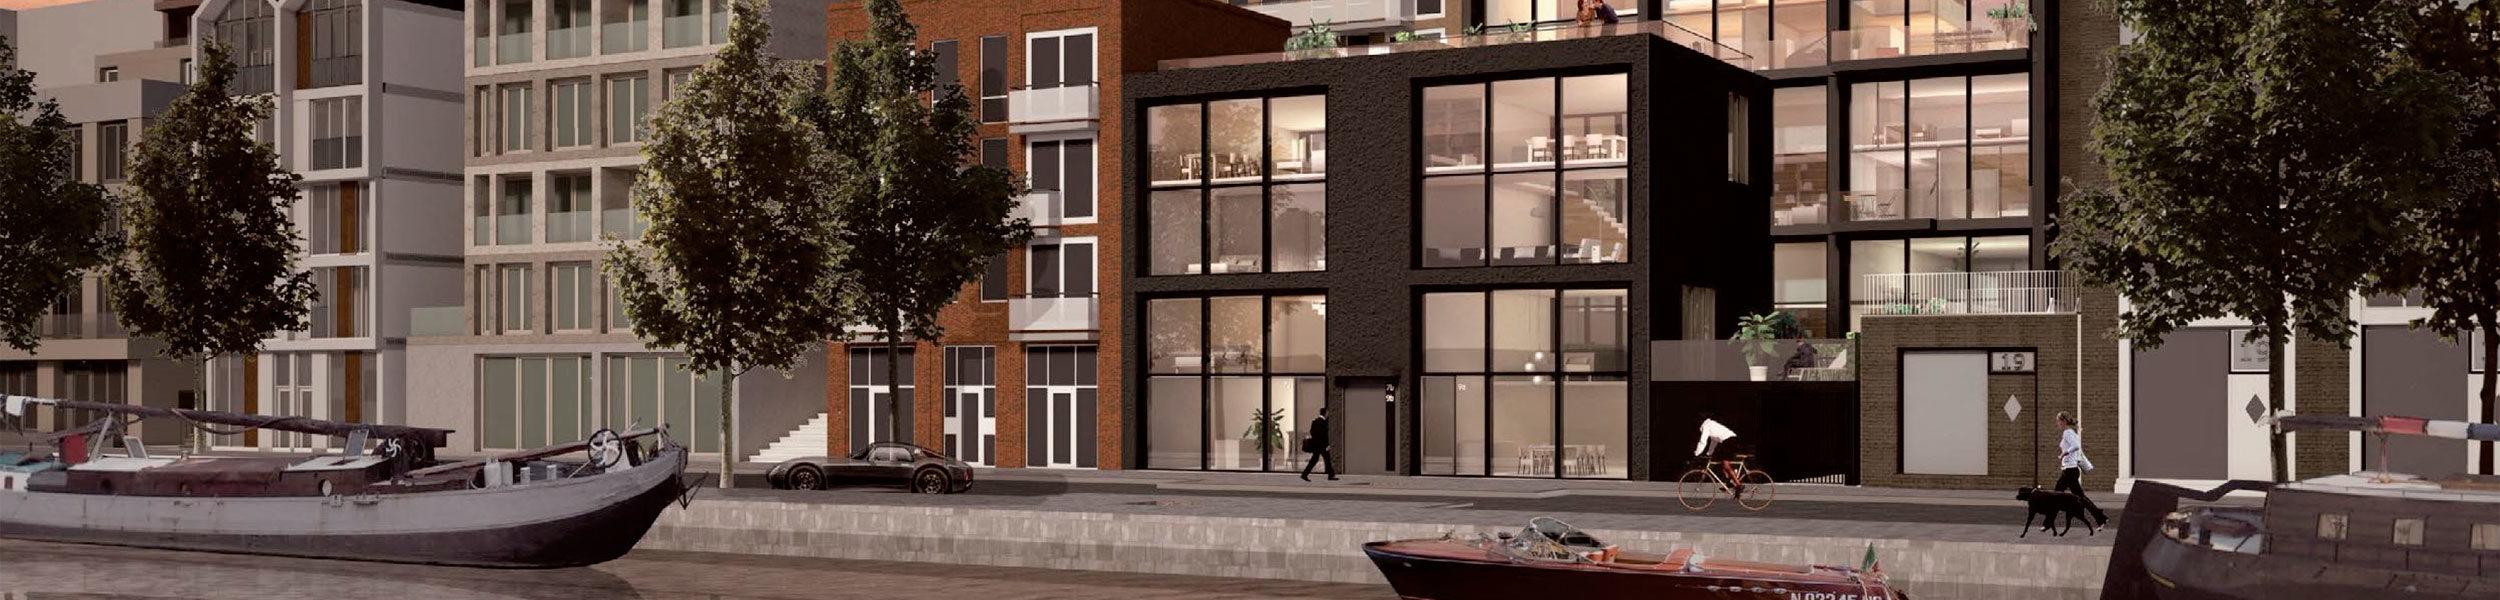 lofts-2500x600px